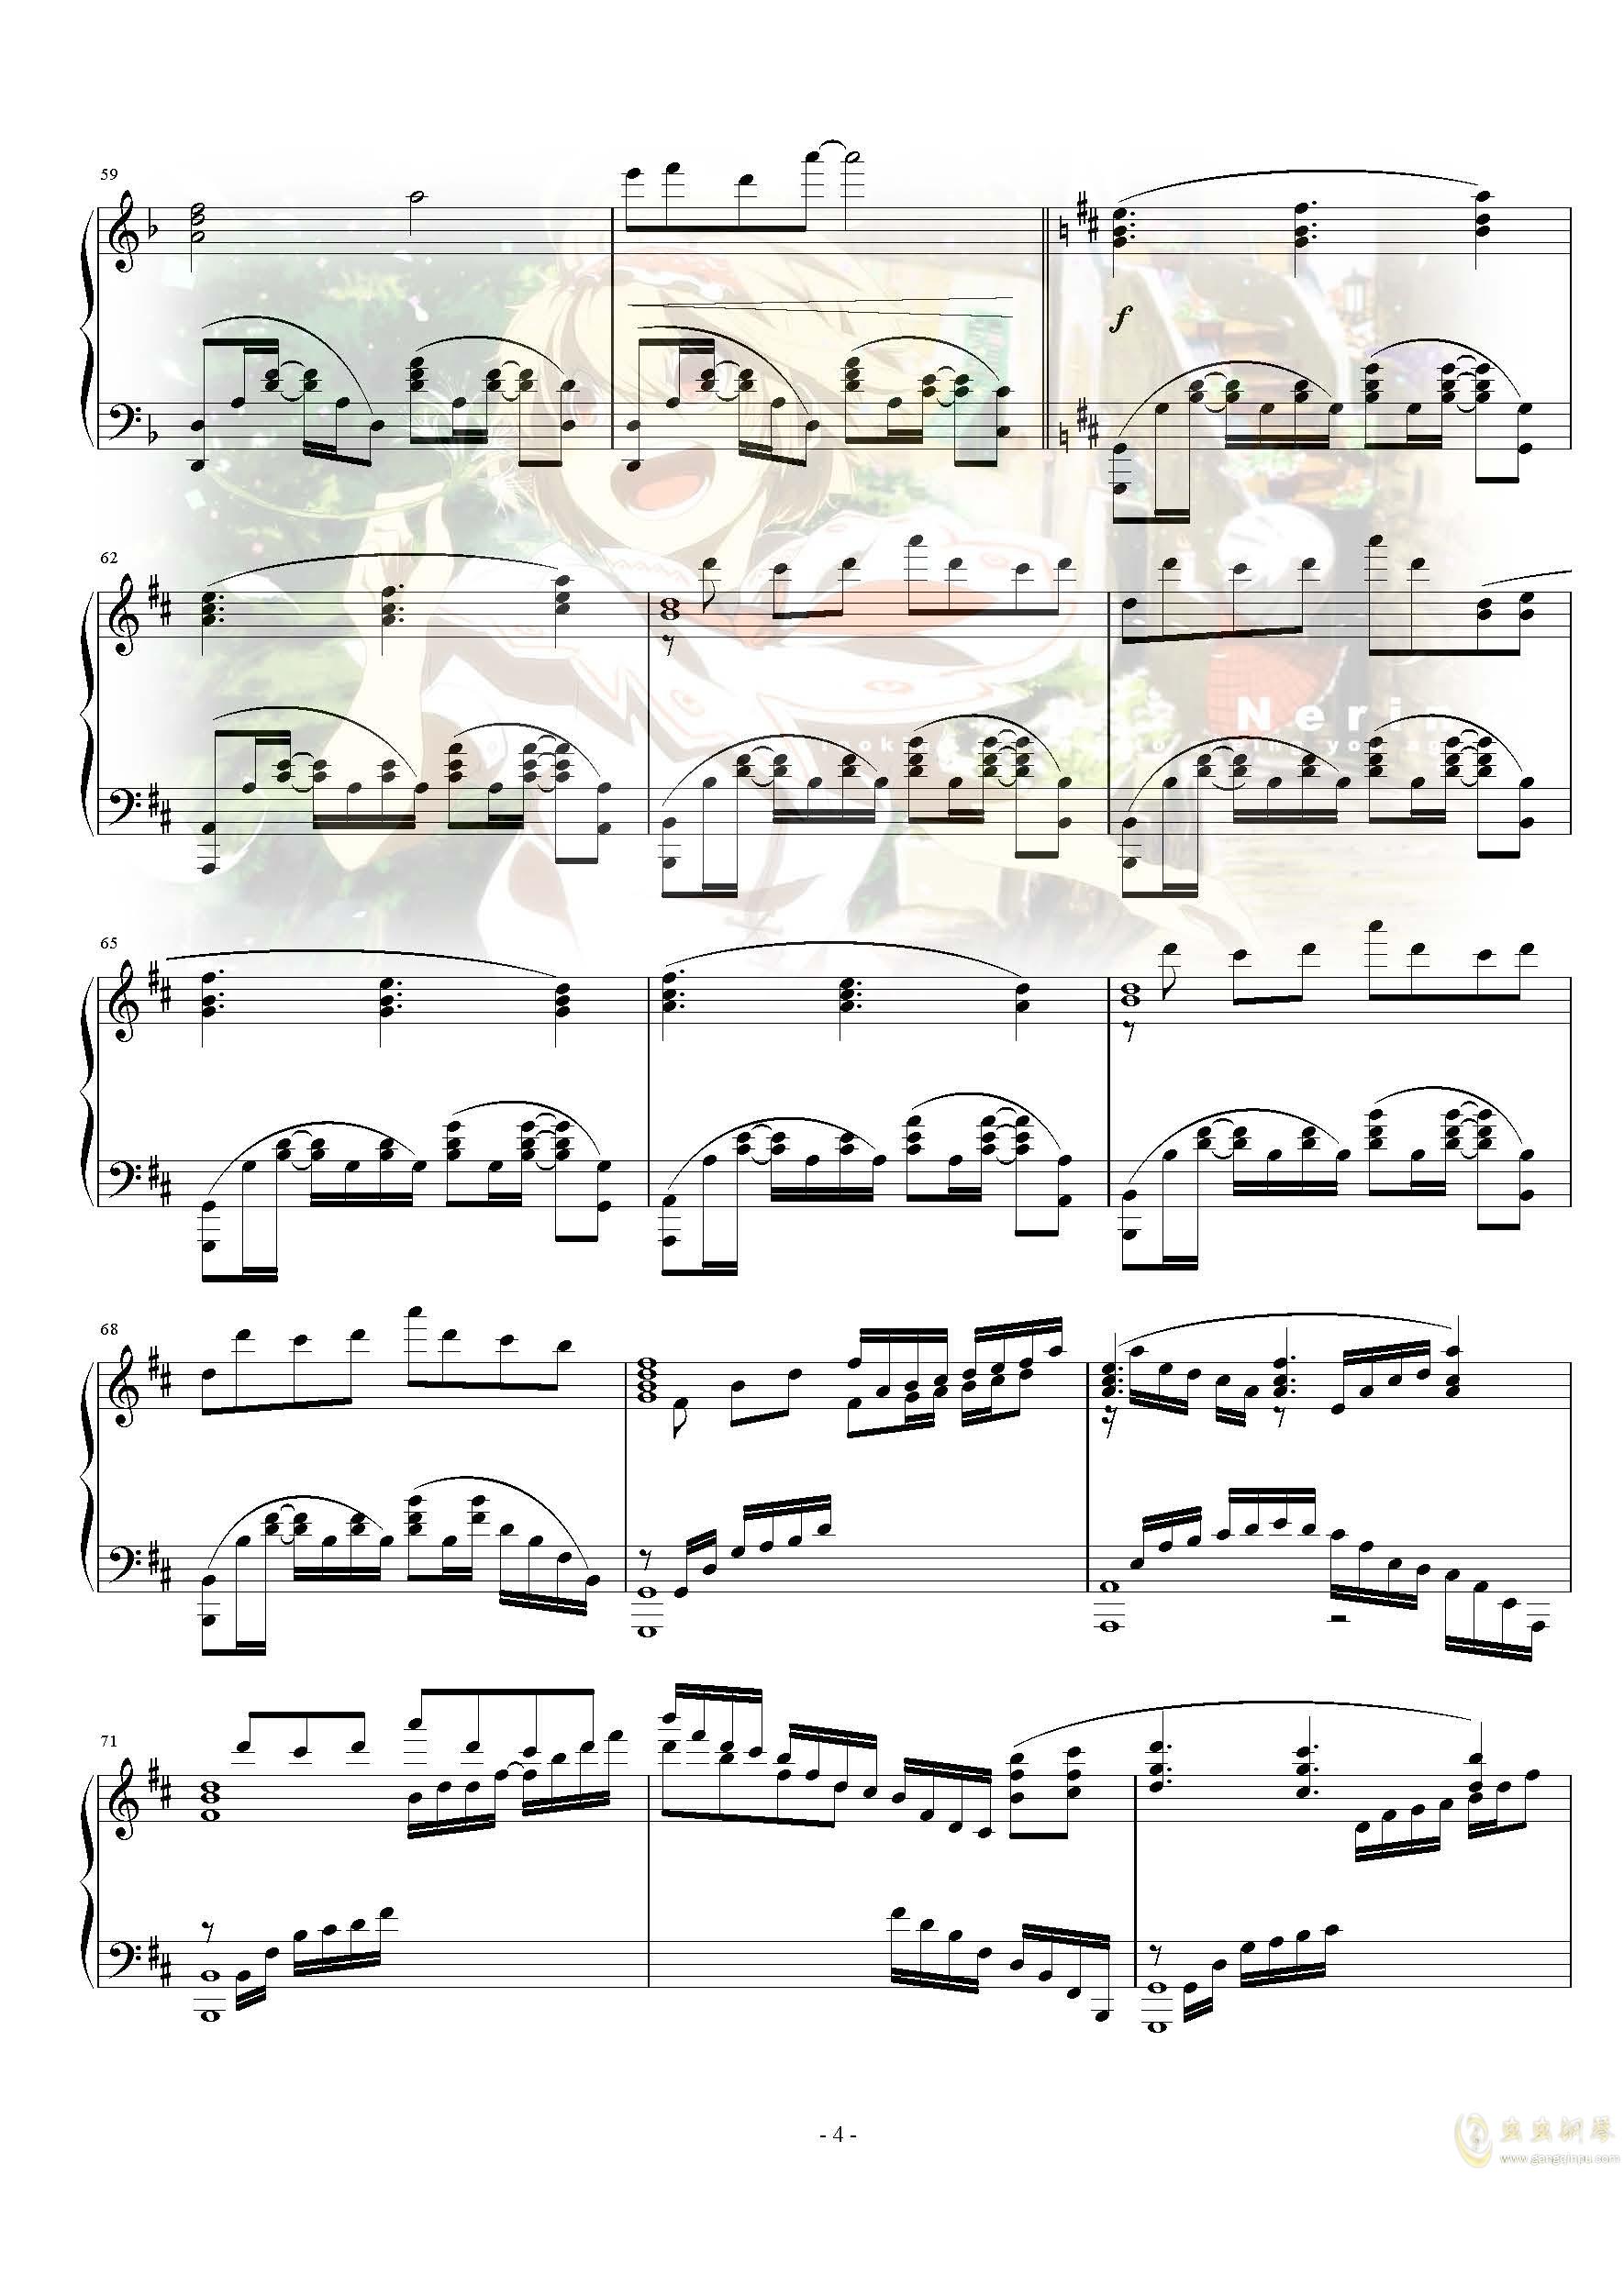 华鸟风月钢琴谱 第5页